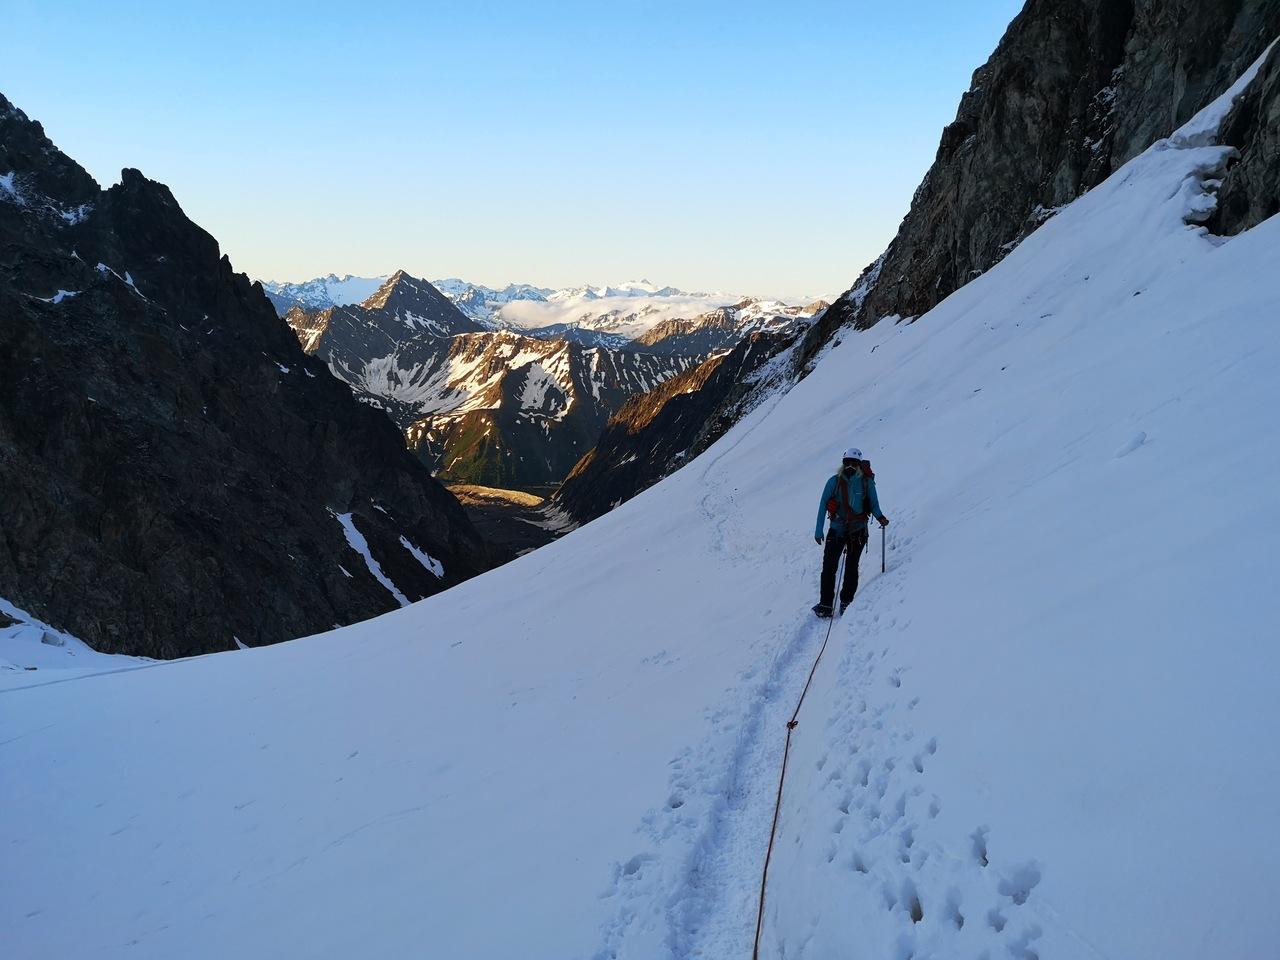 pierszwe kroki o świcie na górnym lodowcu